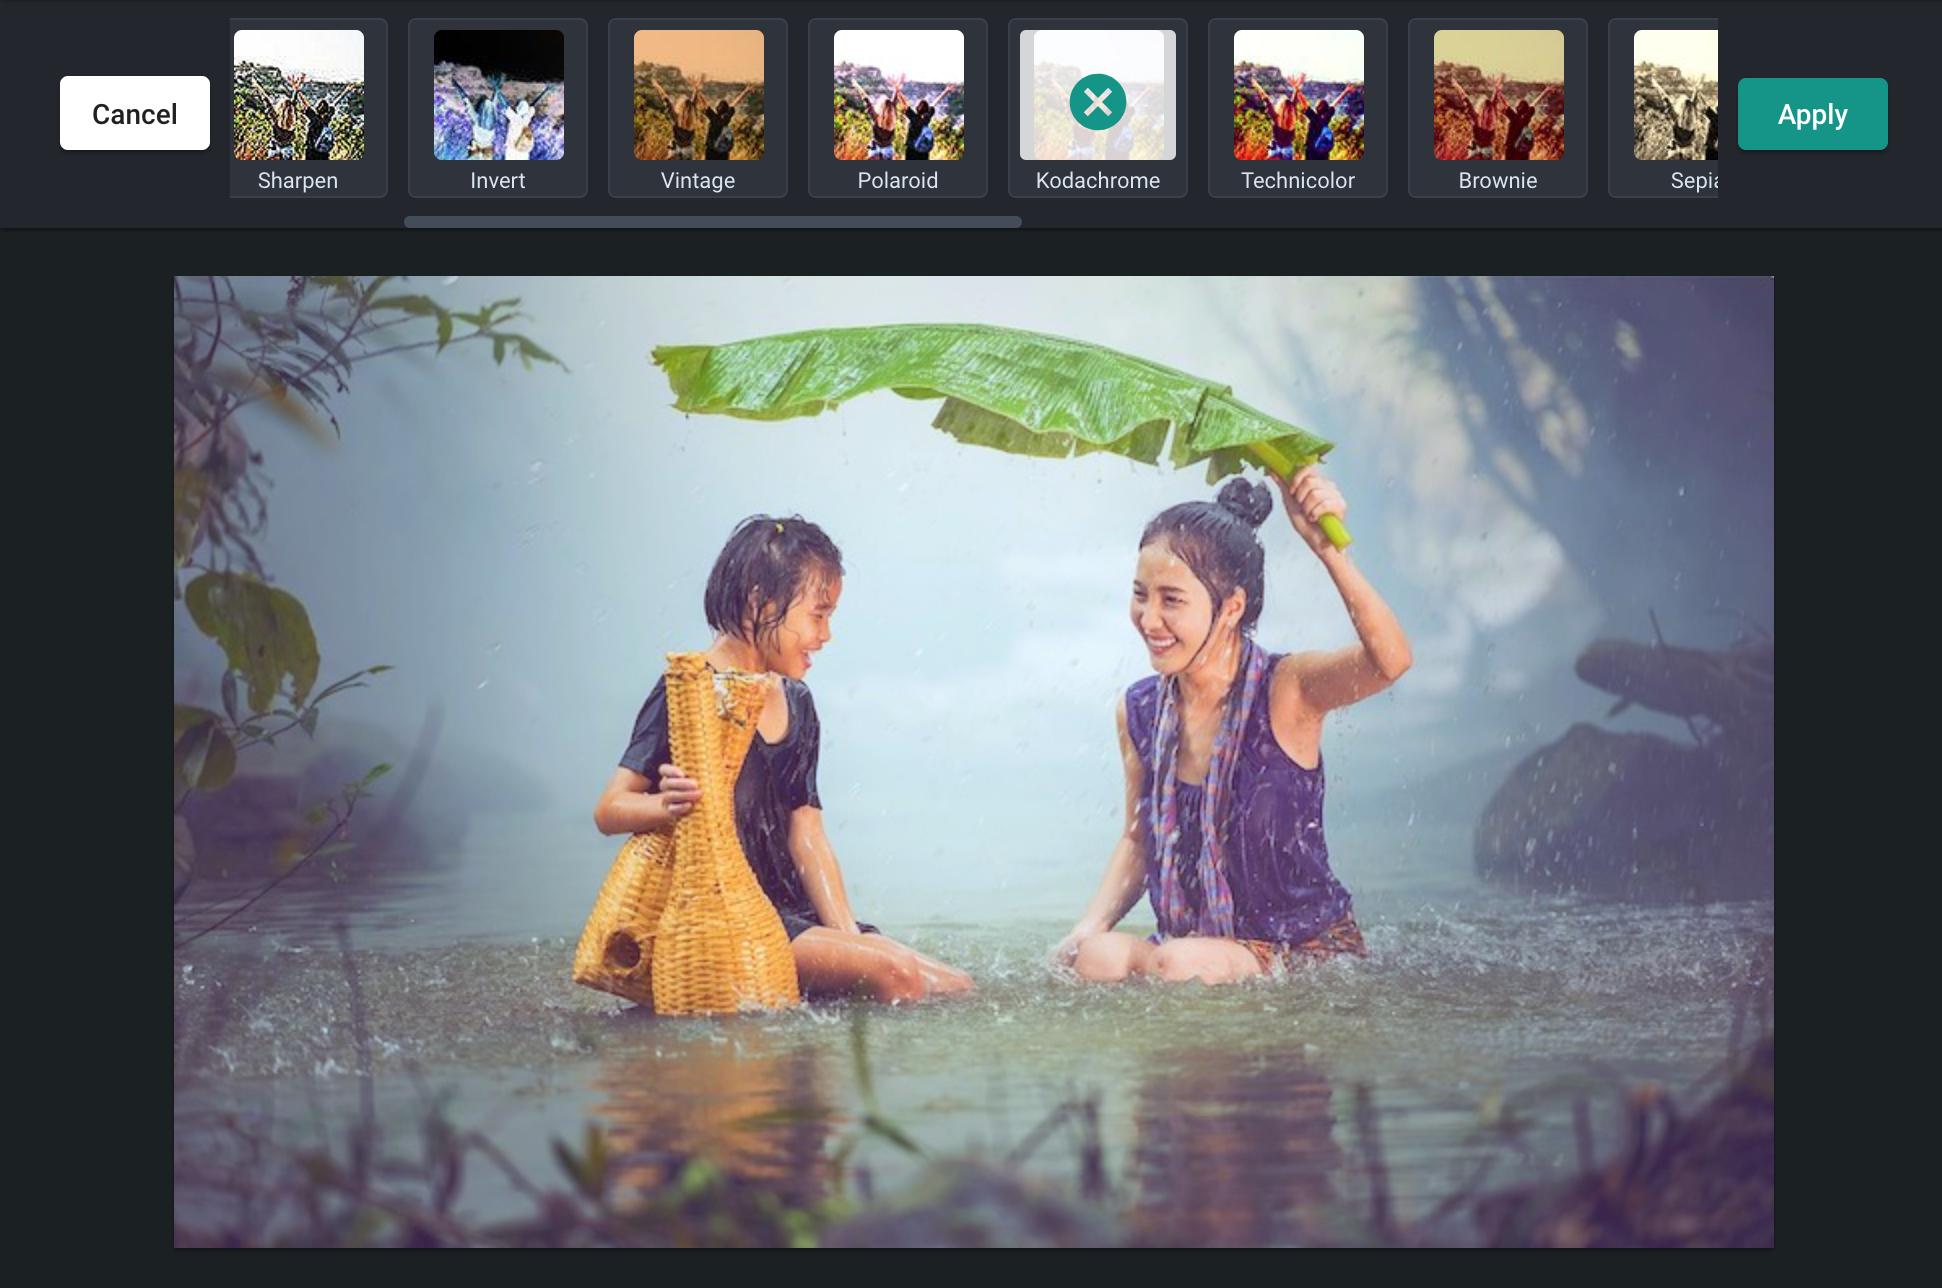 Download Photo Editor 1.1: Trình chỉnh sửa ảnh giàu chức năng